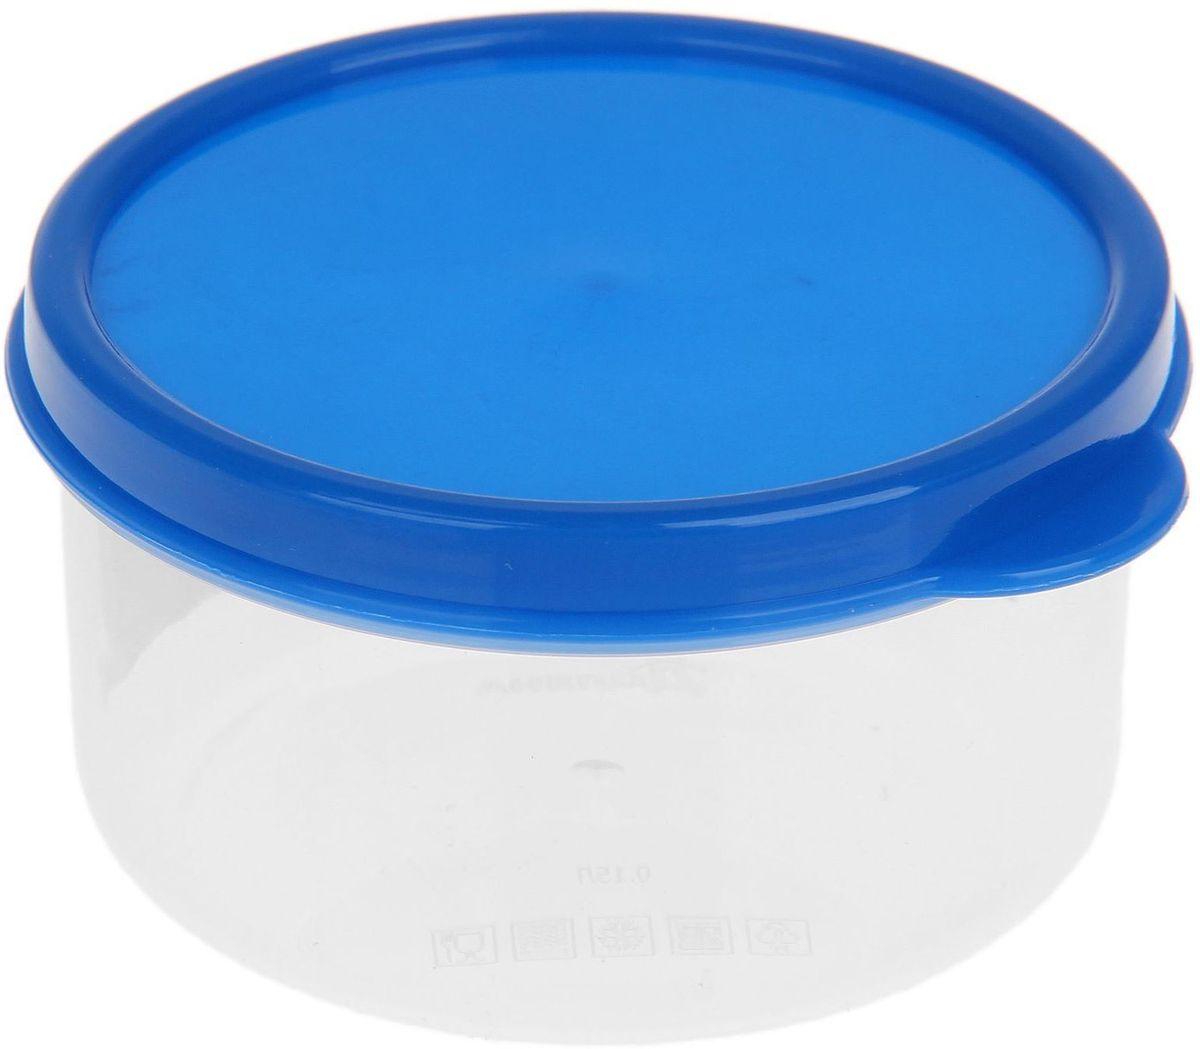 Контейнер пищевой Доляна, круглый, цвет: синий, 150 мл1333813Пищевой контейнер Доляна является незаменимым предметом кухонной утвари, ведь у него много преимуществ:- Простота ухода. Ланч-бокс достаточно промыть тёплой водой с небольшим количеством чистящего средства, и он снова готов к использованию.- Вместительность. Поможет разместить разнообразные продукты от сахара до супов.- Эргономичность. Ланч-бокс очень легко хранить даже в самой маленькой кухне.- Многофункциональность. Разнообразие цветов и форм делает возможным использование контейнеров не только на кухне, но и в других областях домашнего быта.В качестве материала для изготовления используется пластик, что делает процесс ухода за контейнером ещё более эффективным. К ланч-боксу в комплекте прилагается крышка подходящего размера, это позволяет плотно и надёжно удерживать запах еды и упрощает процесс транспортировки.Рекомендуется соблюдать и меры предосторожности: не использовать пластиковые контейнеры в духовых шкафах и на открытом огне, а также не разогревать в микроволновых печах при закрытой крышке ланч-бокса. Соблюдение мер безопасности позволит продлить срок эксплуатации и сохранить отличный внешний вид изделия.Эргономичный дизайн и многофункциональность таких контейнеров - вот, что является причиной большой популярности данного предмета у каждой хозяйки.